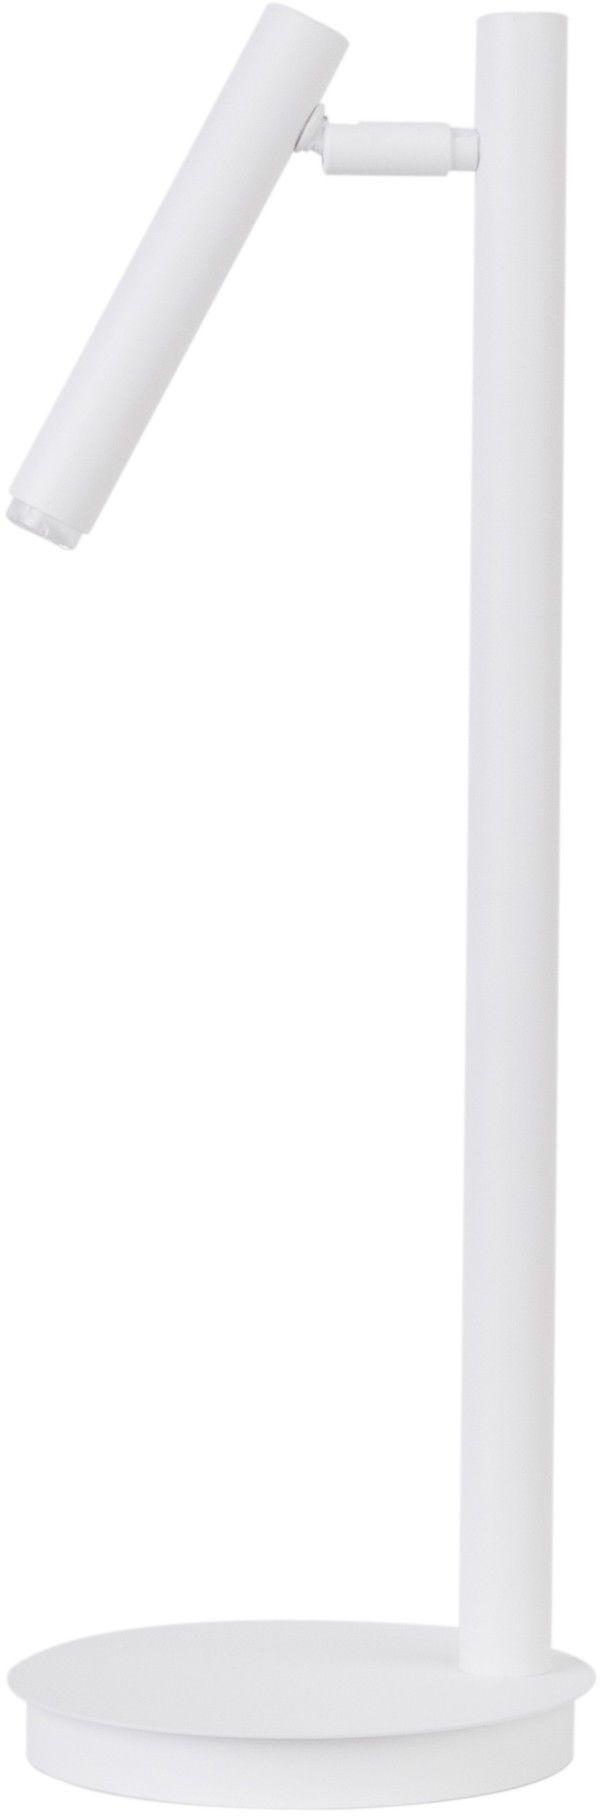 Lampka SOPEL biały 50196 - Sigma Do -17% rabatu w koszyku i darmowa dostawa od 299zł !